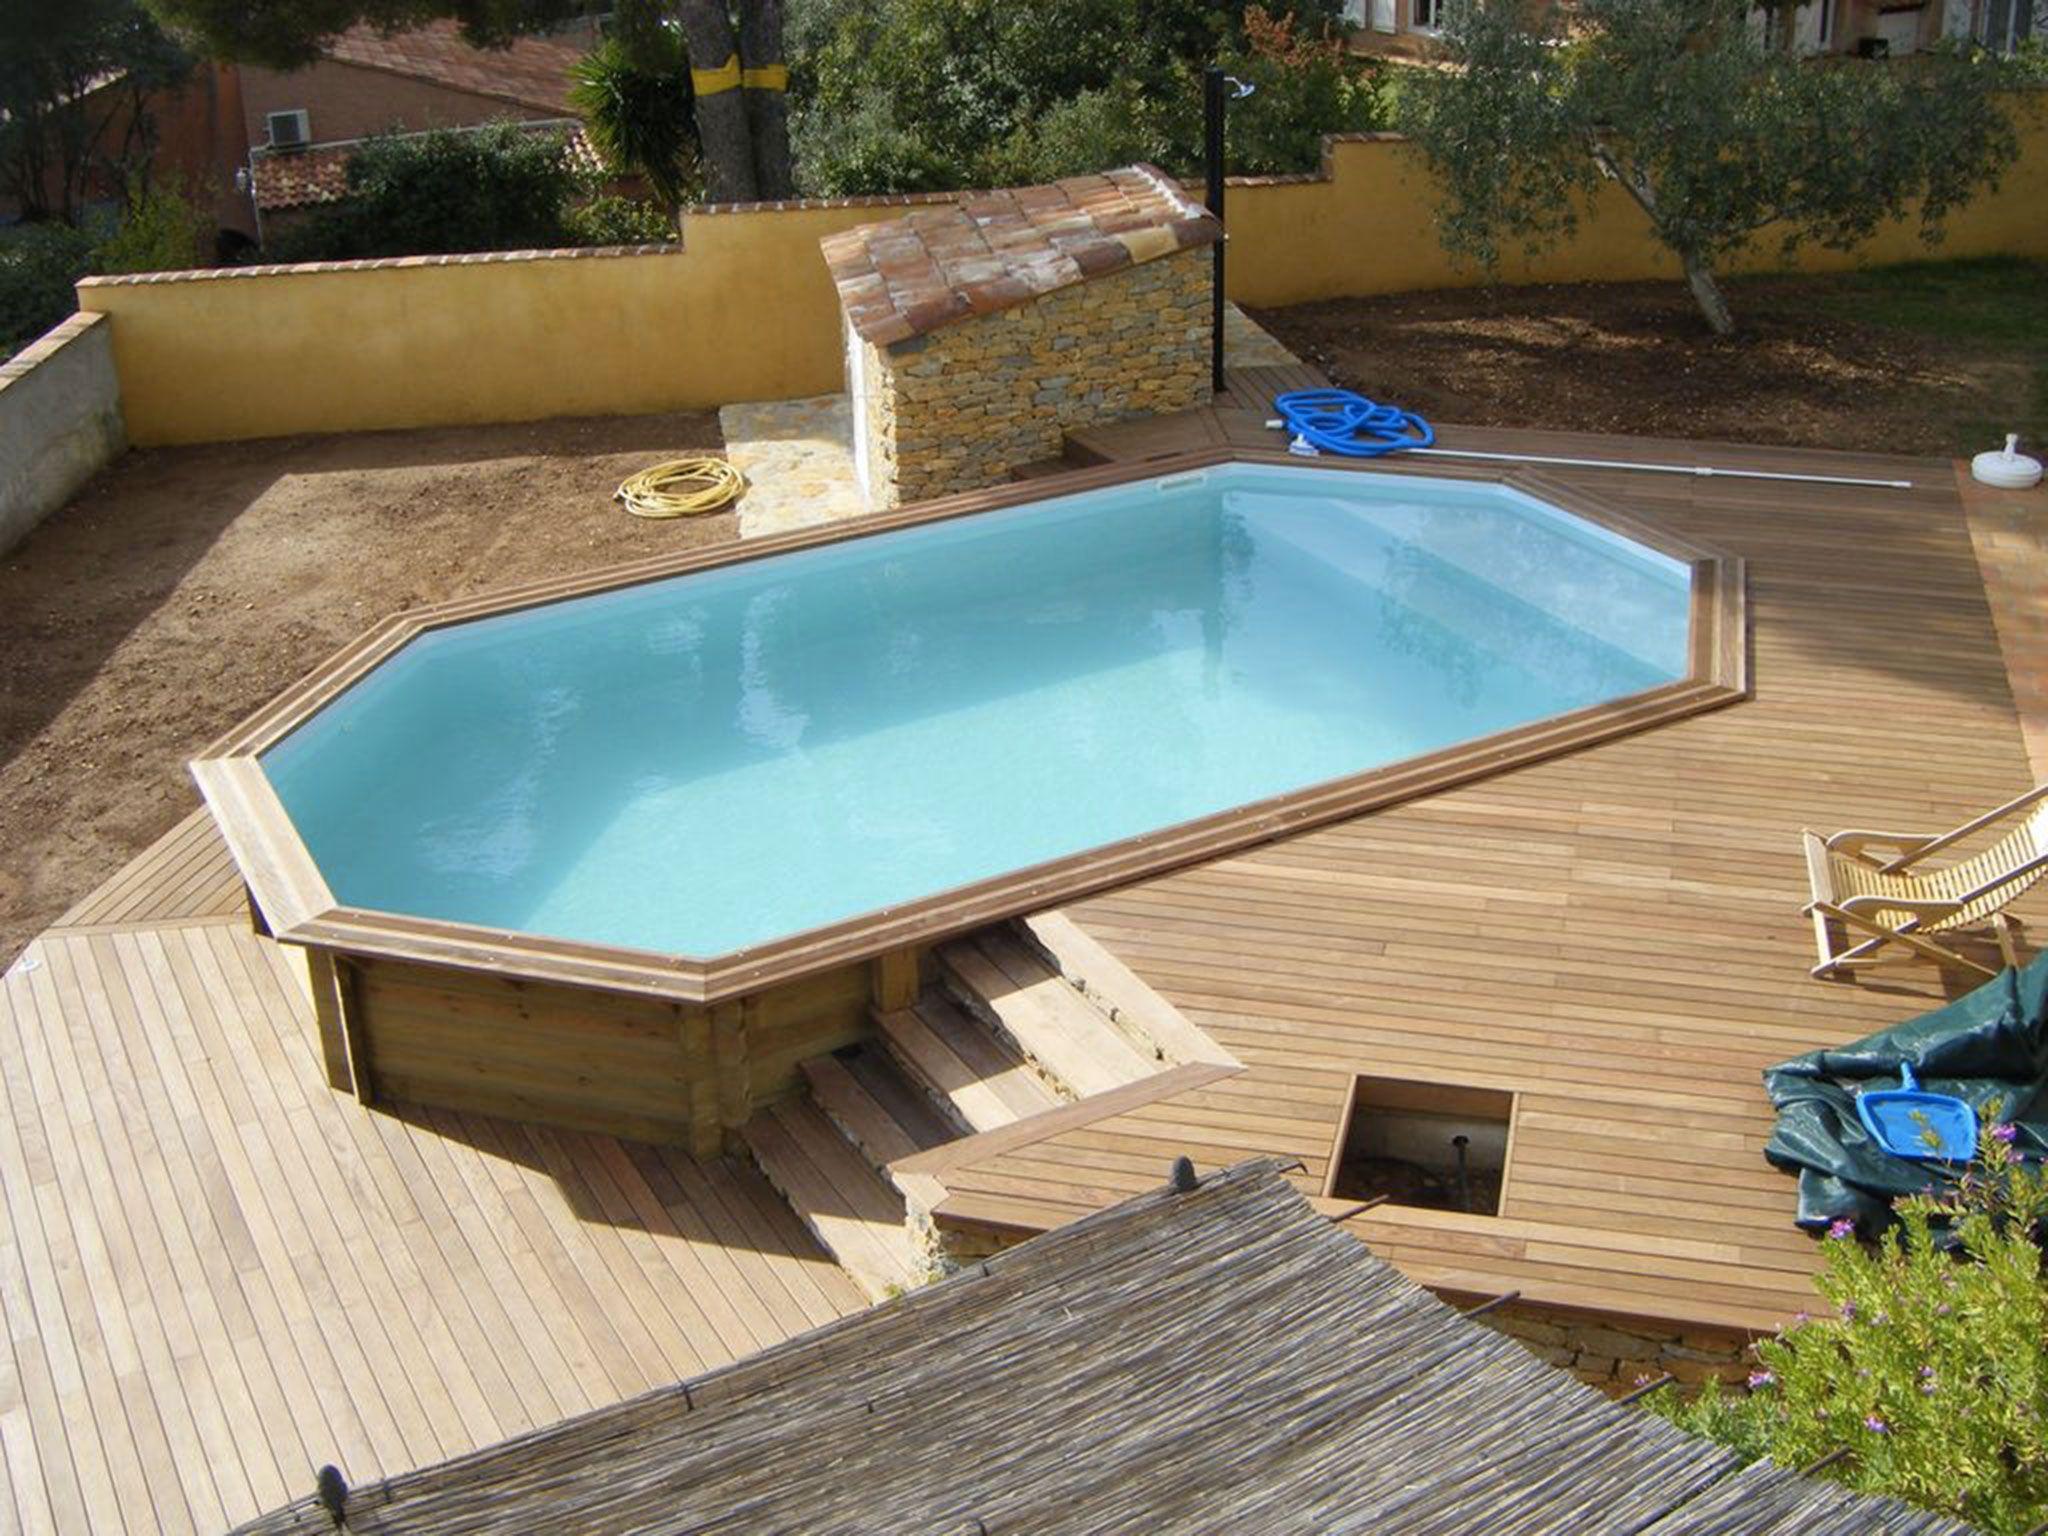 ide piscine bois rectangulaire pas cher piscine bois pas cher piscine bois pas cher peinture que vraiment gracieux pour vos decor de maison idees piscine - Piscine Bois Rectangulaire Enterree